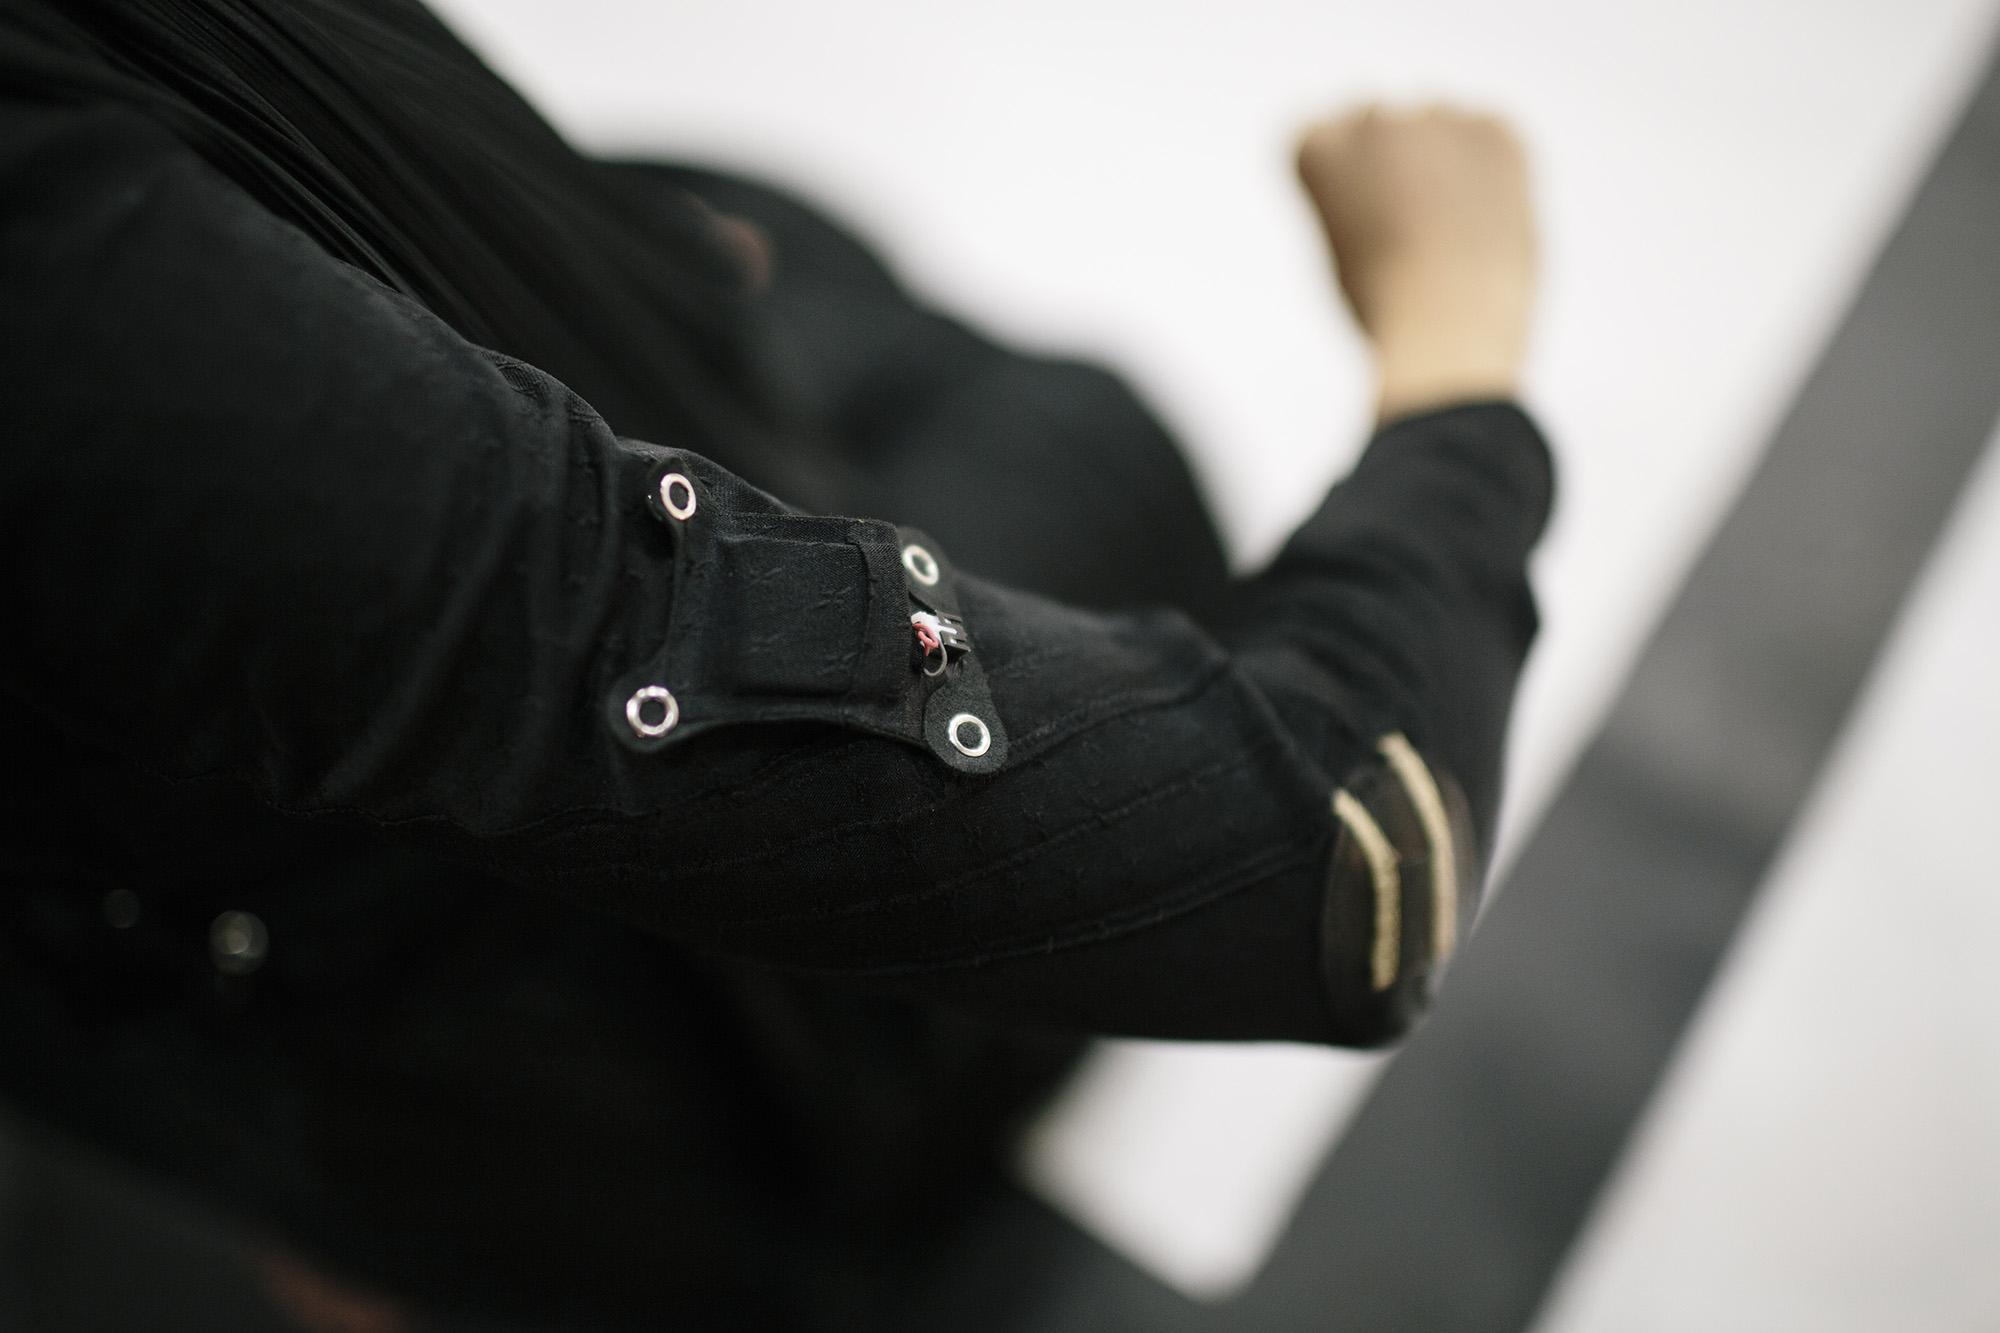 E-textile Costume Details: Arm Muscle Sensor _ photo by Corey Fuller